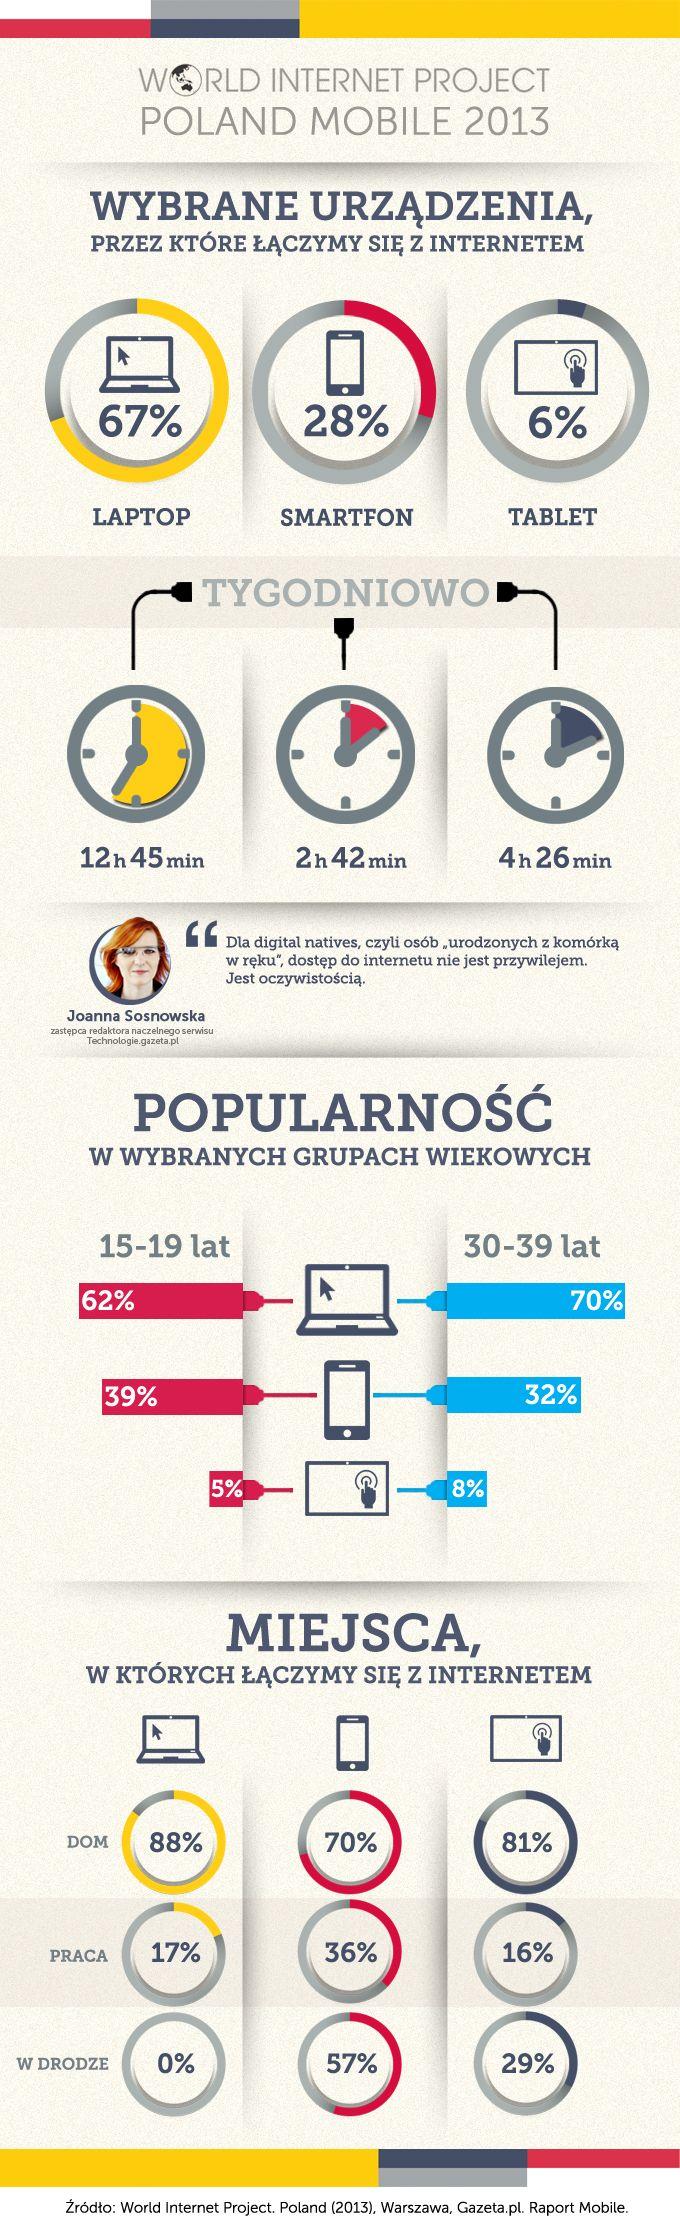 WIP Polska 2013 Mobile - infografika z wynikami raportu World Internet Project Poland Mobile 2013 - wybrane urządzenia, przez które łączymy się z internetem; popularność w wybranych grupach wiekowych; miejsca, w których się łączymy.